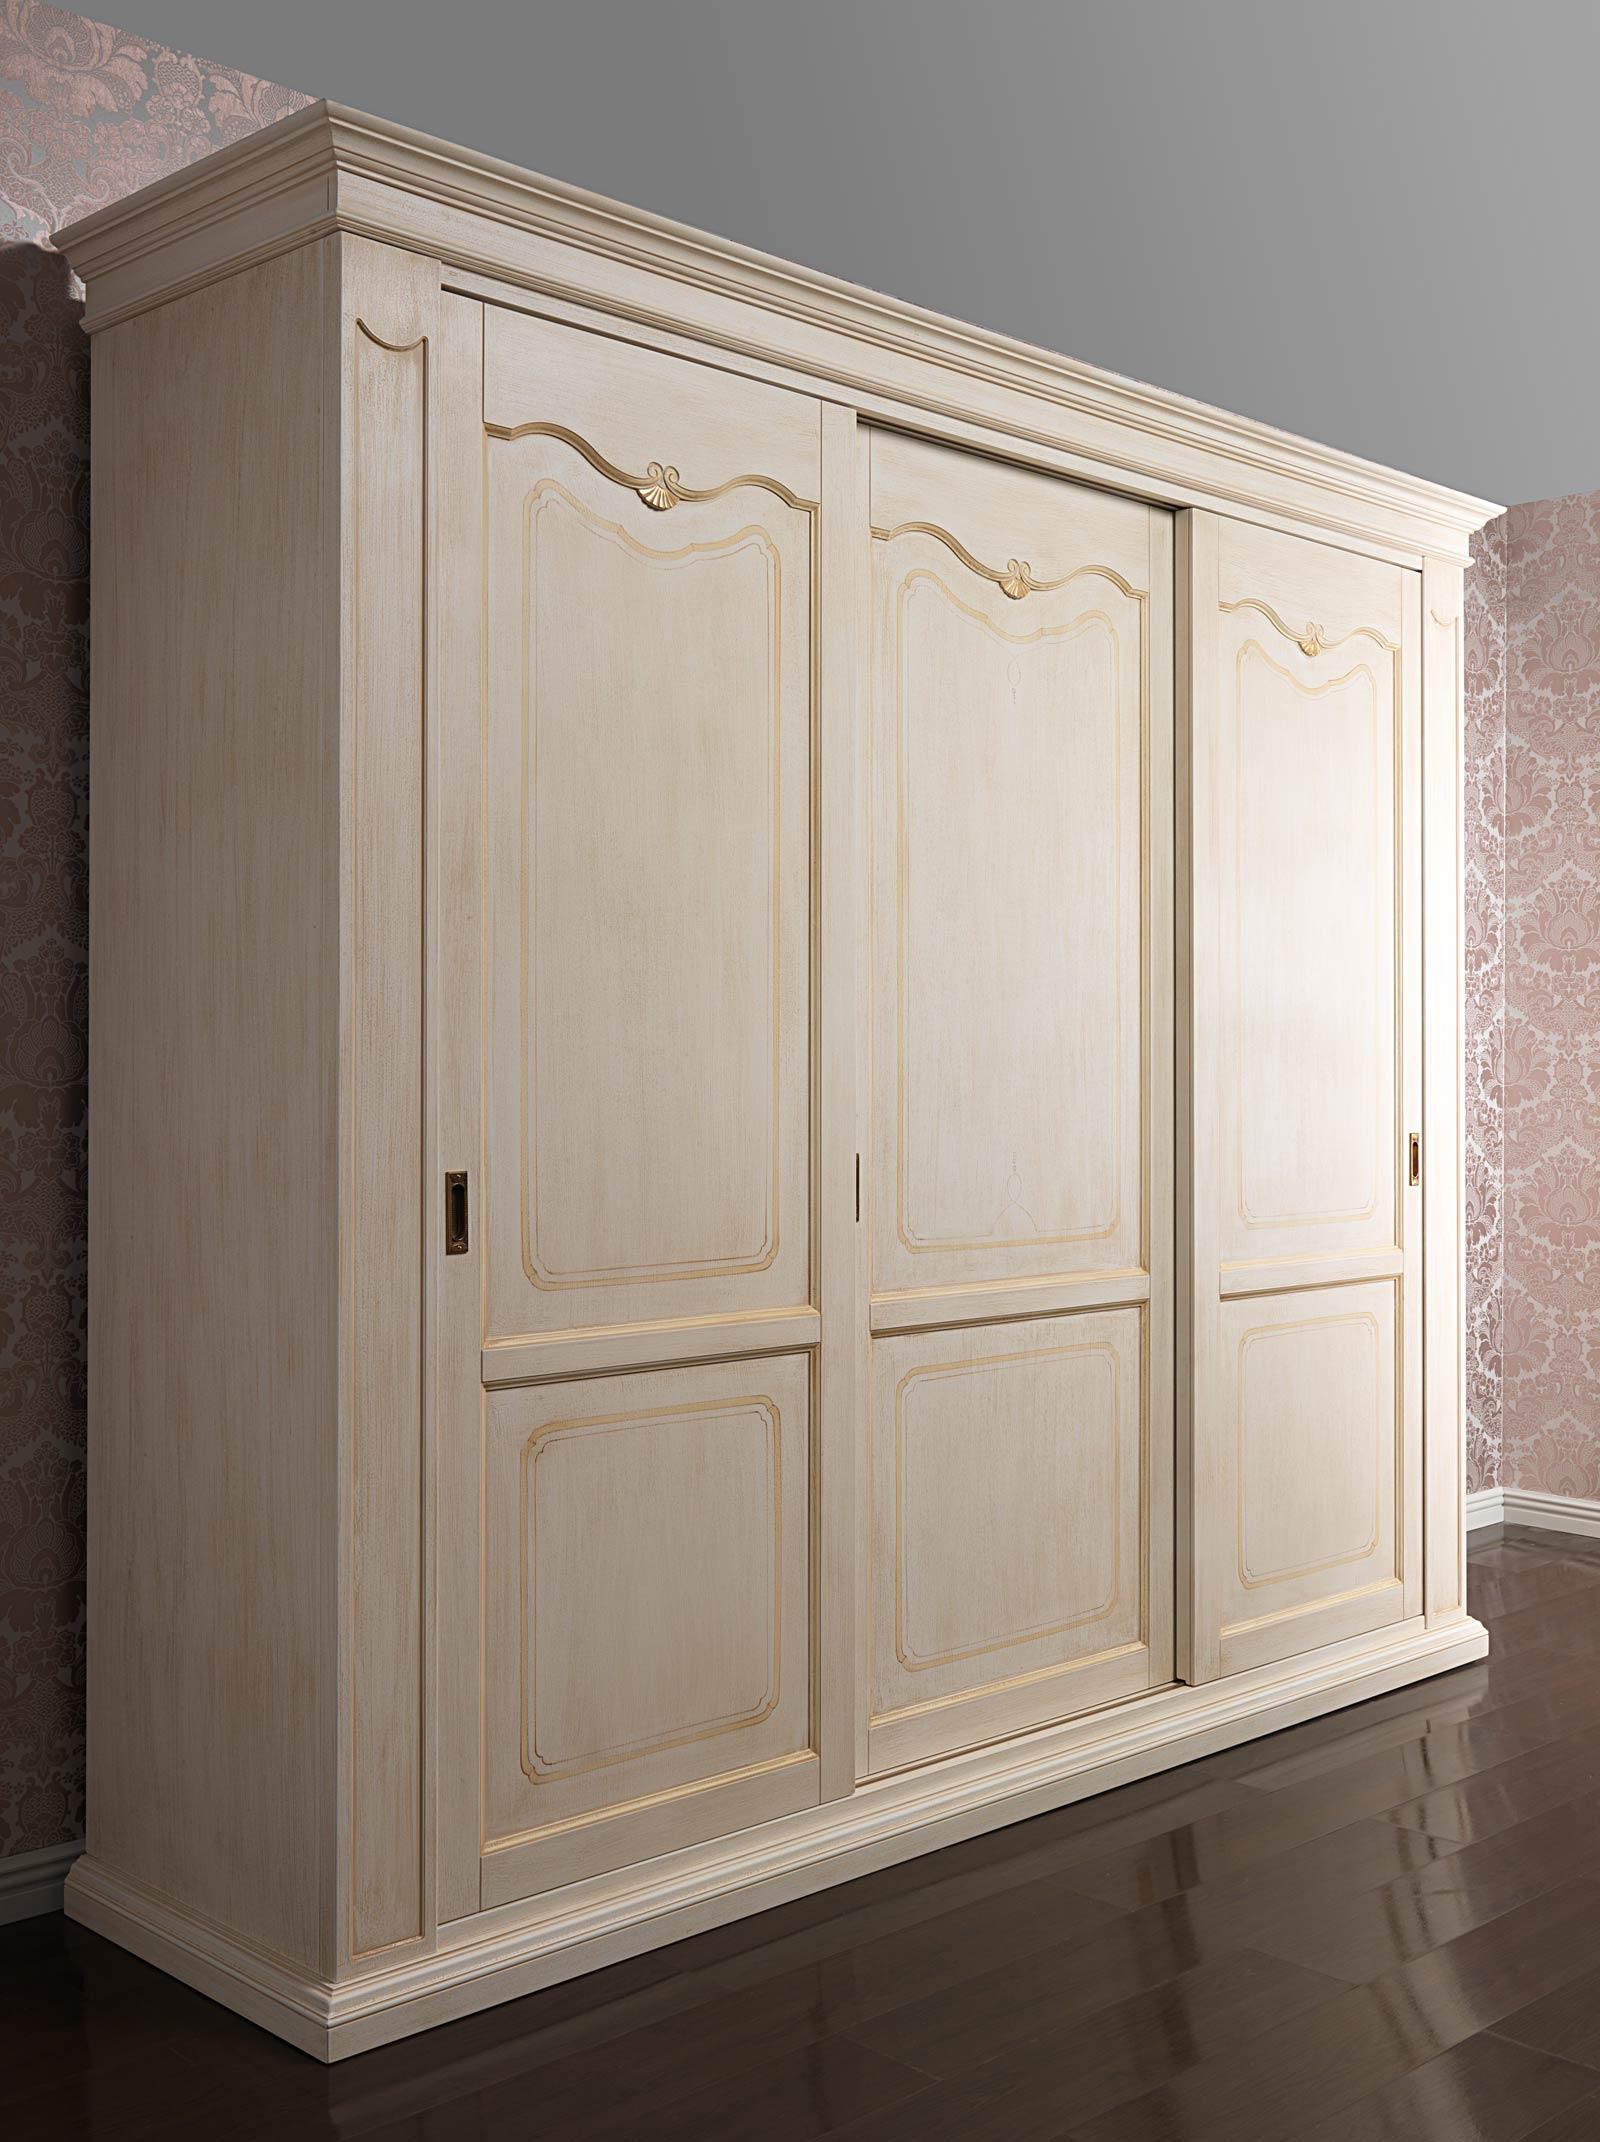 Armadio provenza in stile classico vimercati meda - Camere da letto stile provenzale ...